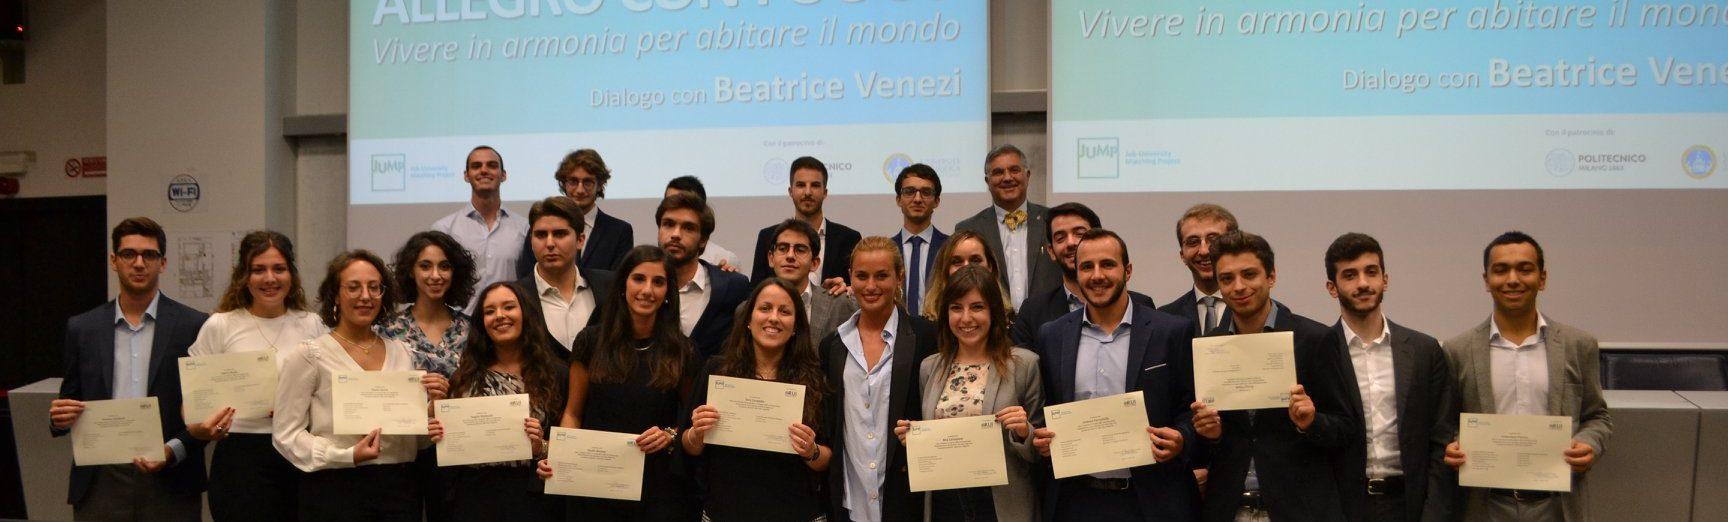 Beatrice Venezi inaugura l'anno accademico JUMP